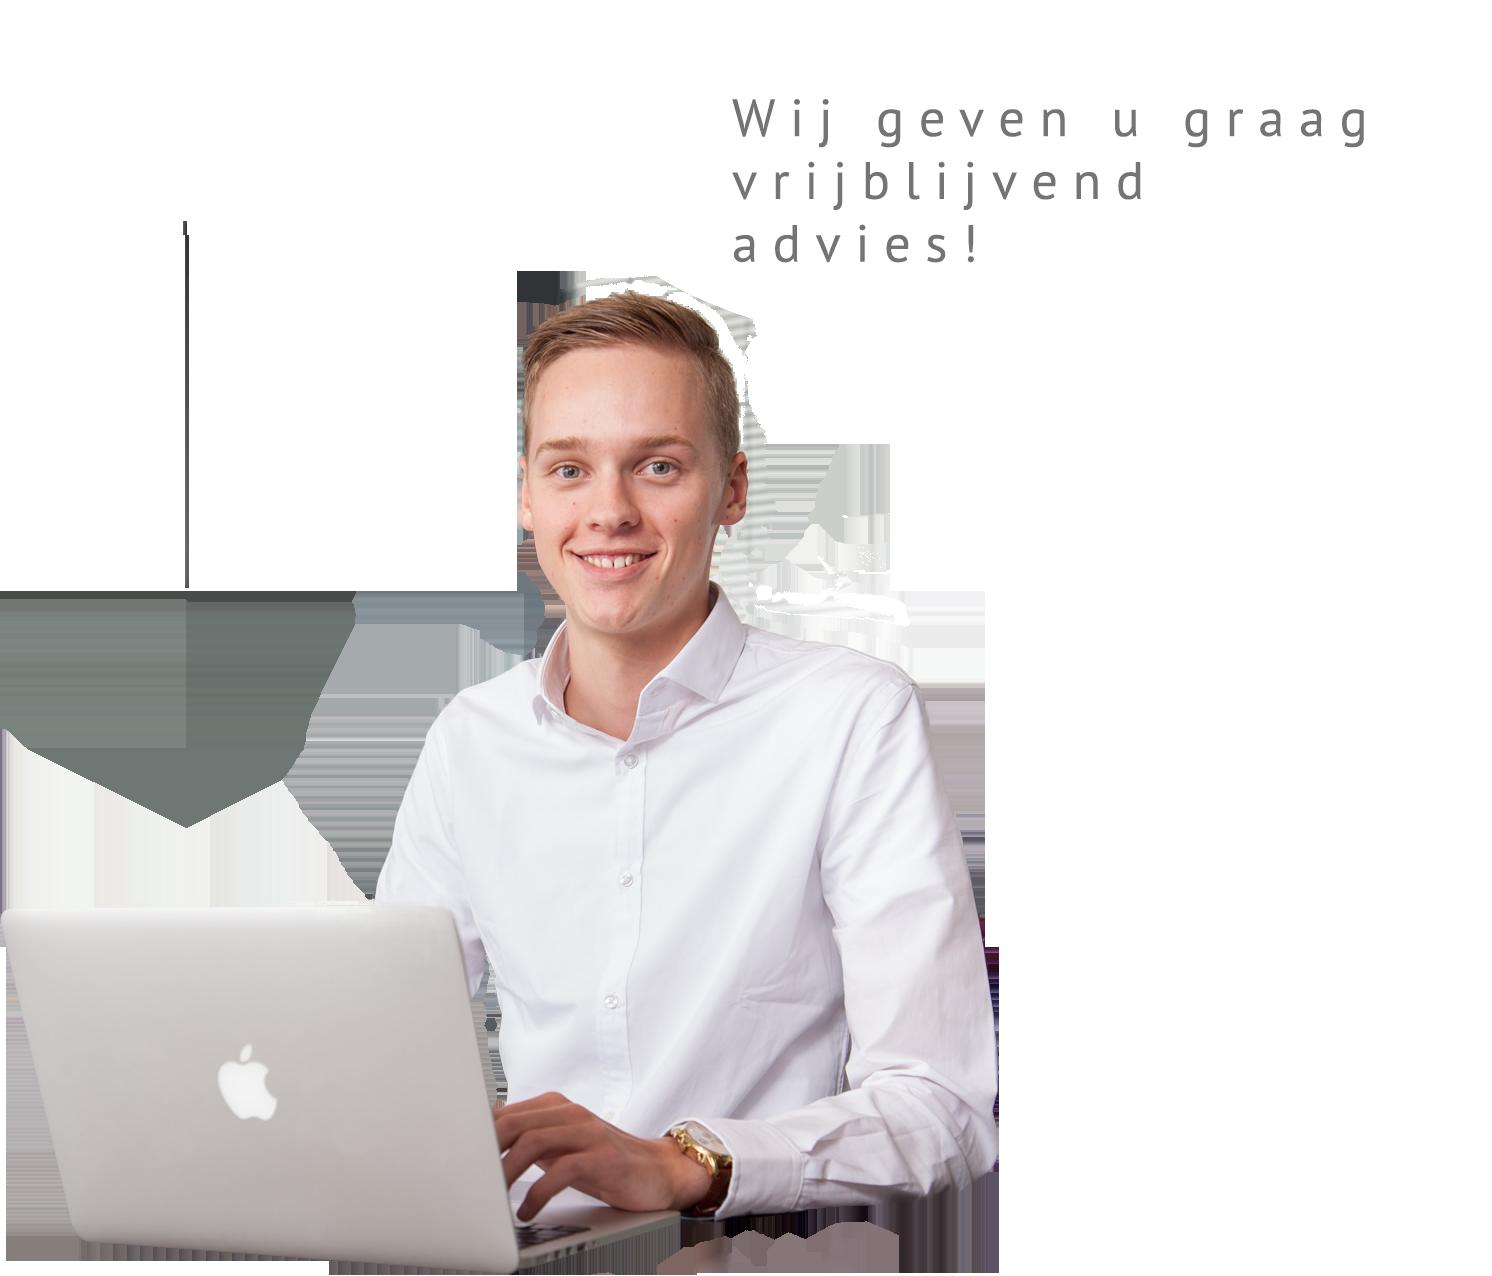 Vrijblijvend advies